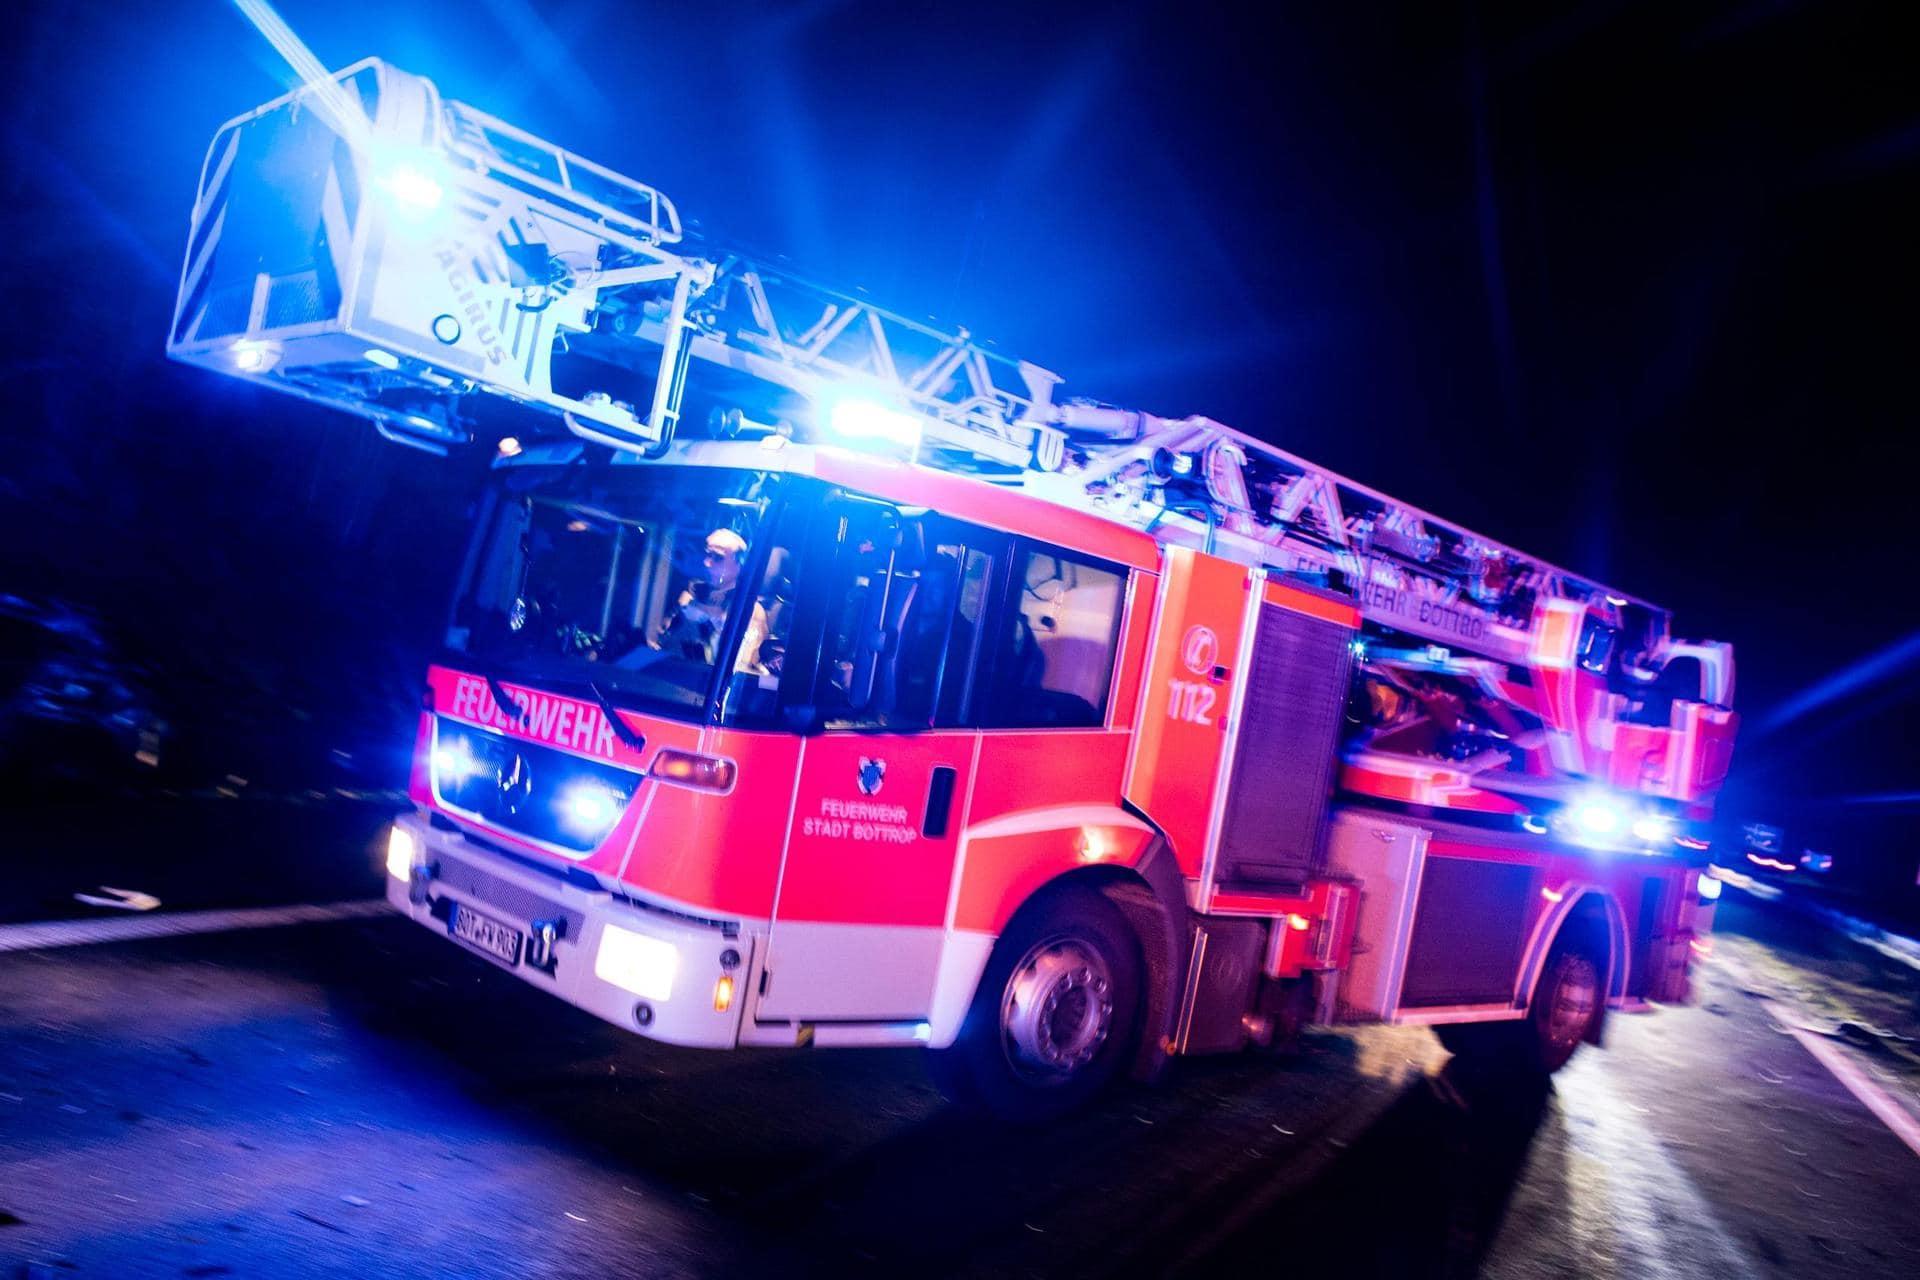 80-Jährige stirbt bei Hausbrand 83-jähriger Mann leichte Rauchgasvergiftung